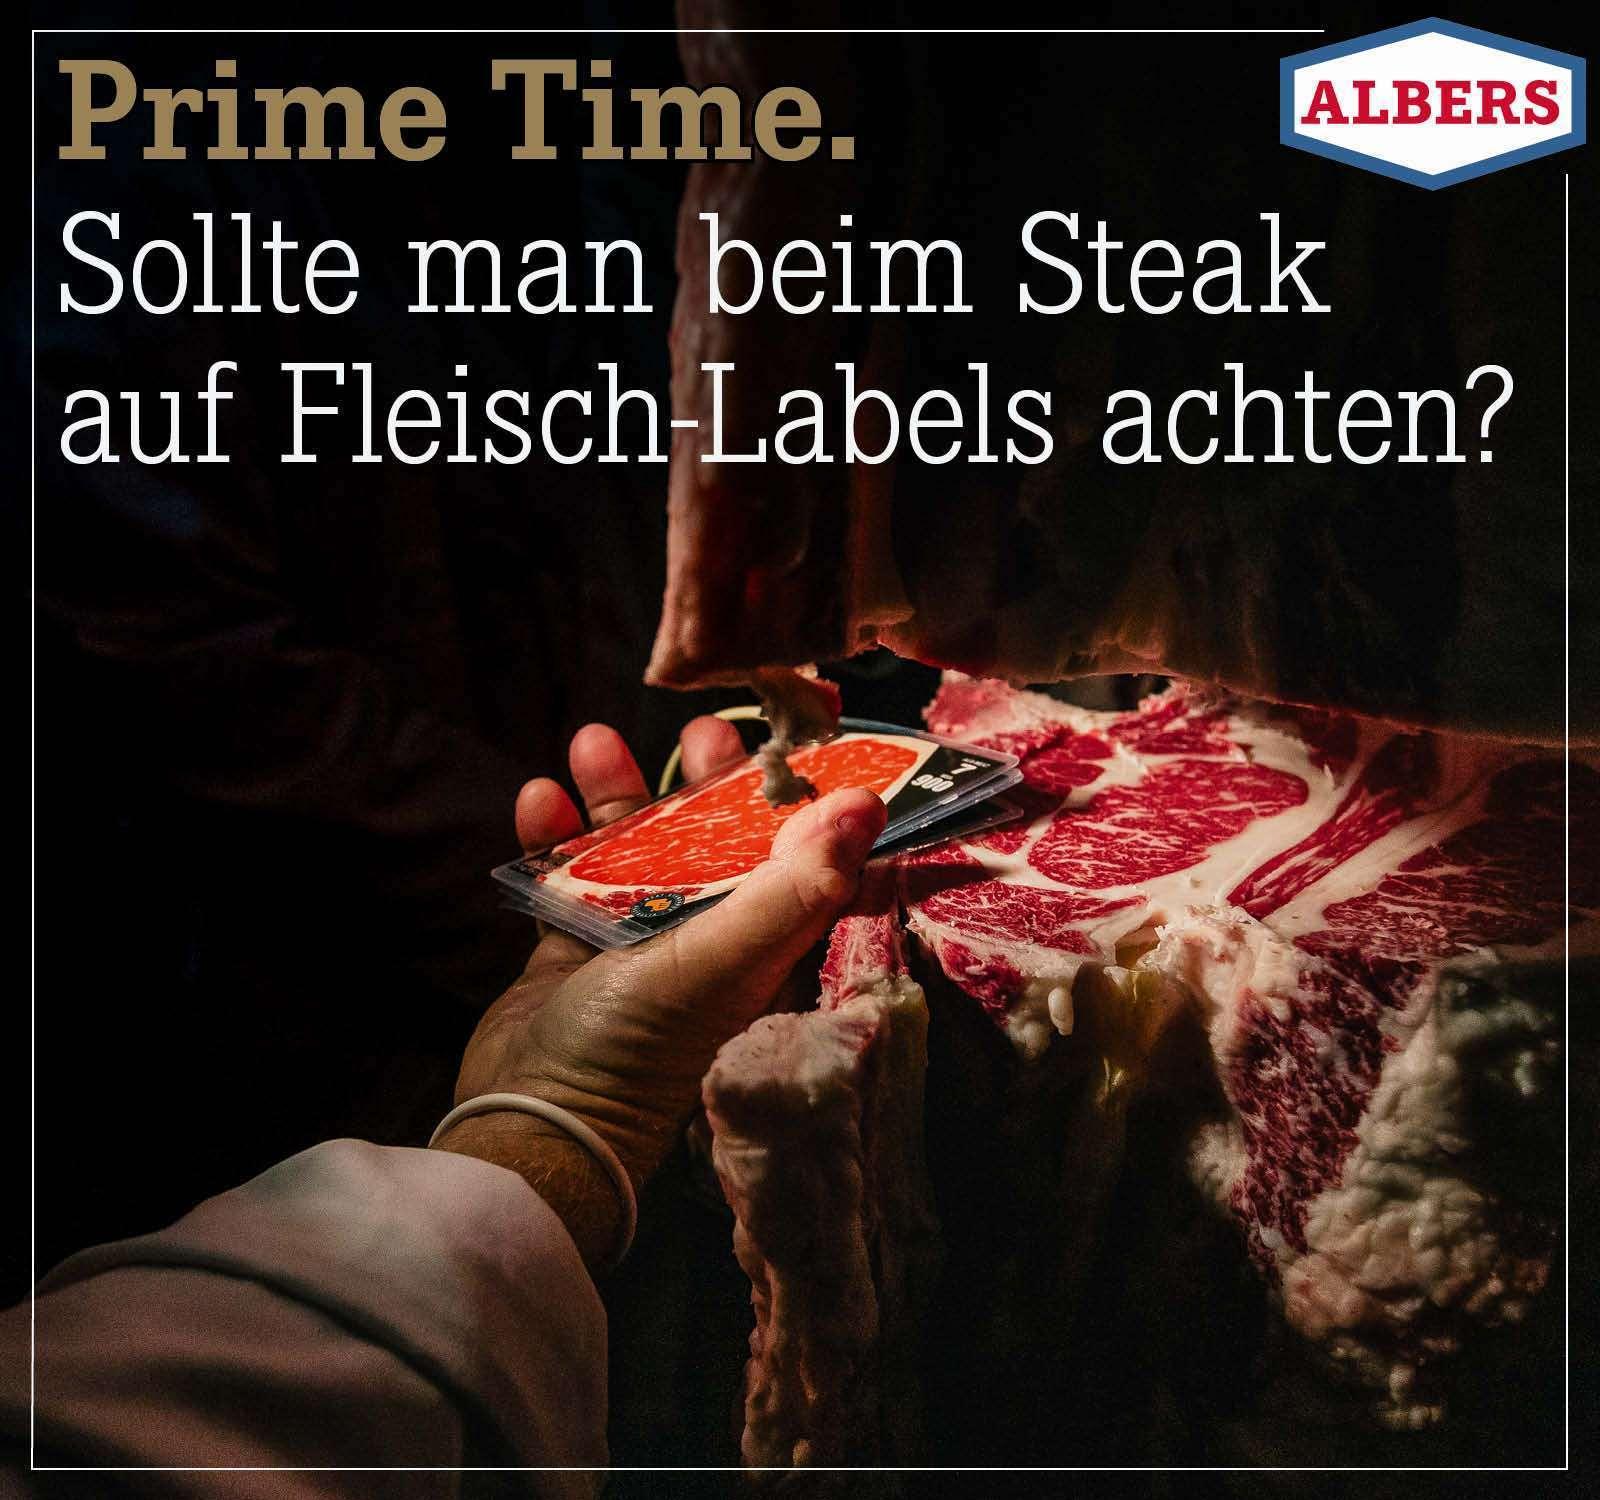 Prime Time. Sollte man beim Steak auf Fleisch-Labels achten?